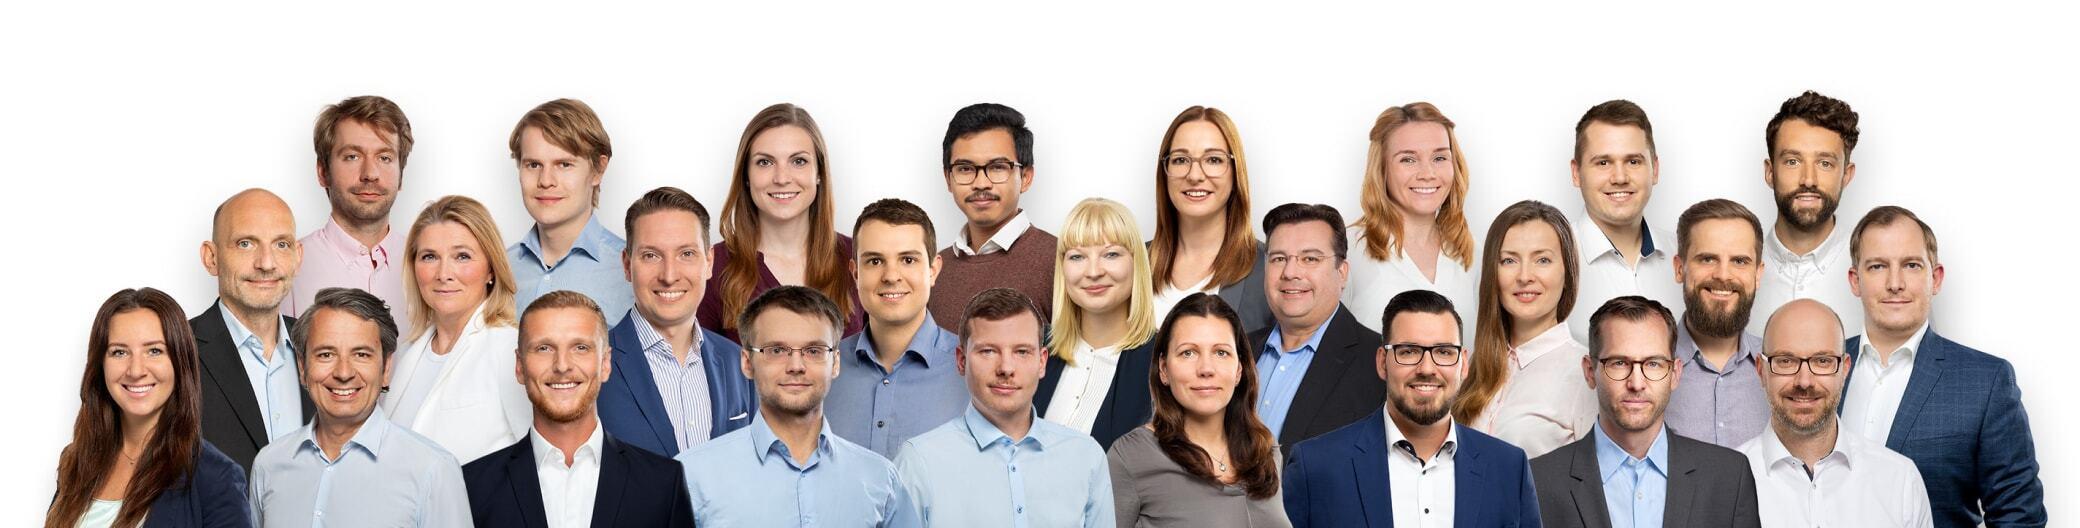 Zinsbaustein Team Collage